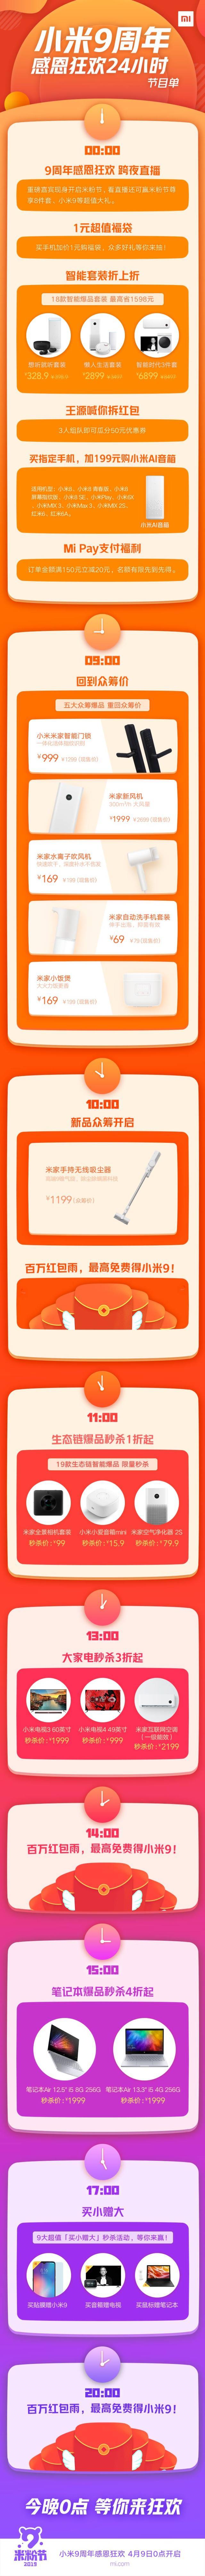 小米9周年米粉节将在今晚0点正式开启:超多福利预备来袭-玩懂手机网 - 玩懂手机第一手的手机资讯网(www.wdshouji.com)